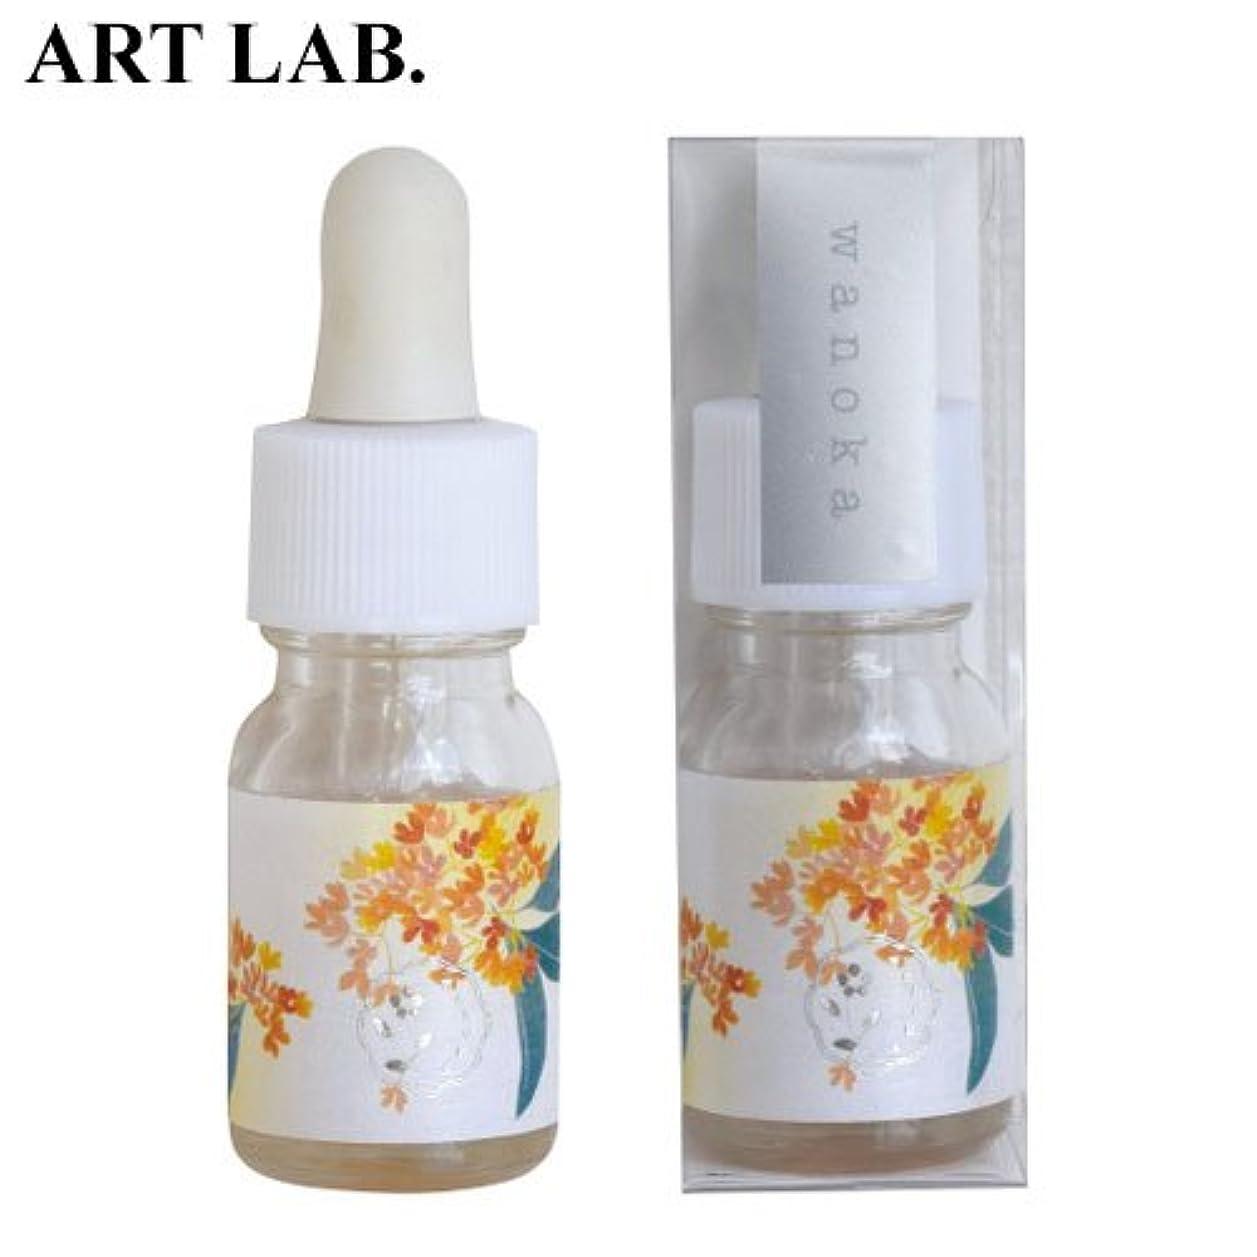 どんよりした不平を言うテセウスwanoka香油アロマオイル金木犀《果実のような甘い香り》ART LABAromatic oil